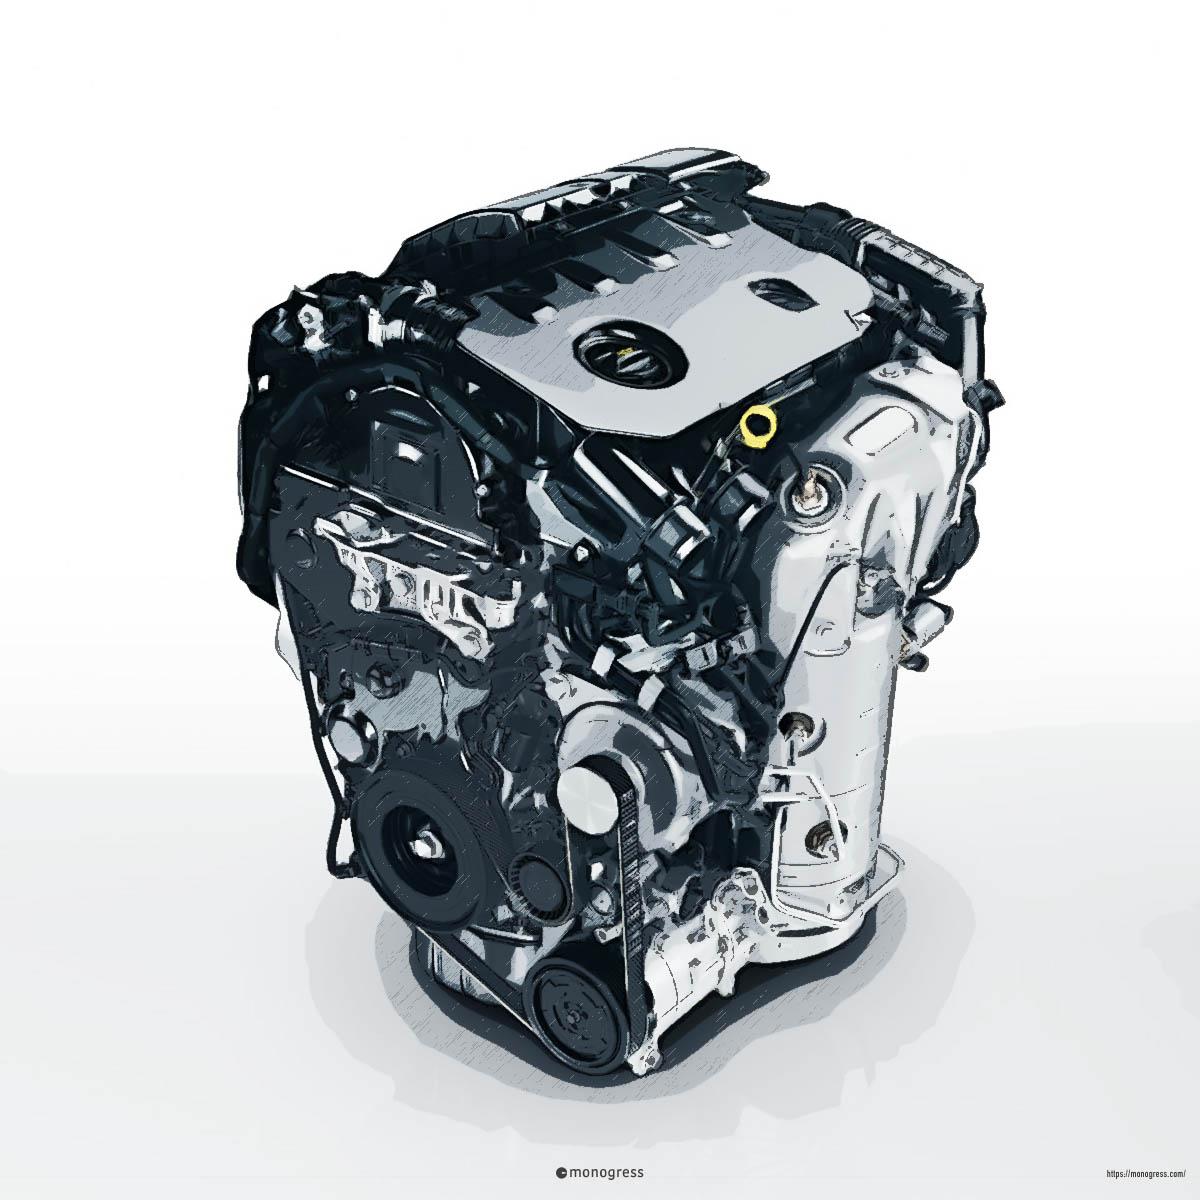 プジョーDV5RCエンジンのイラスト